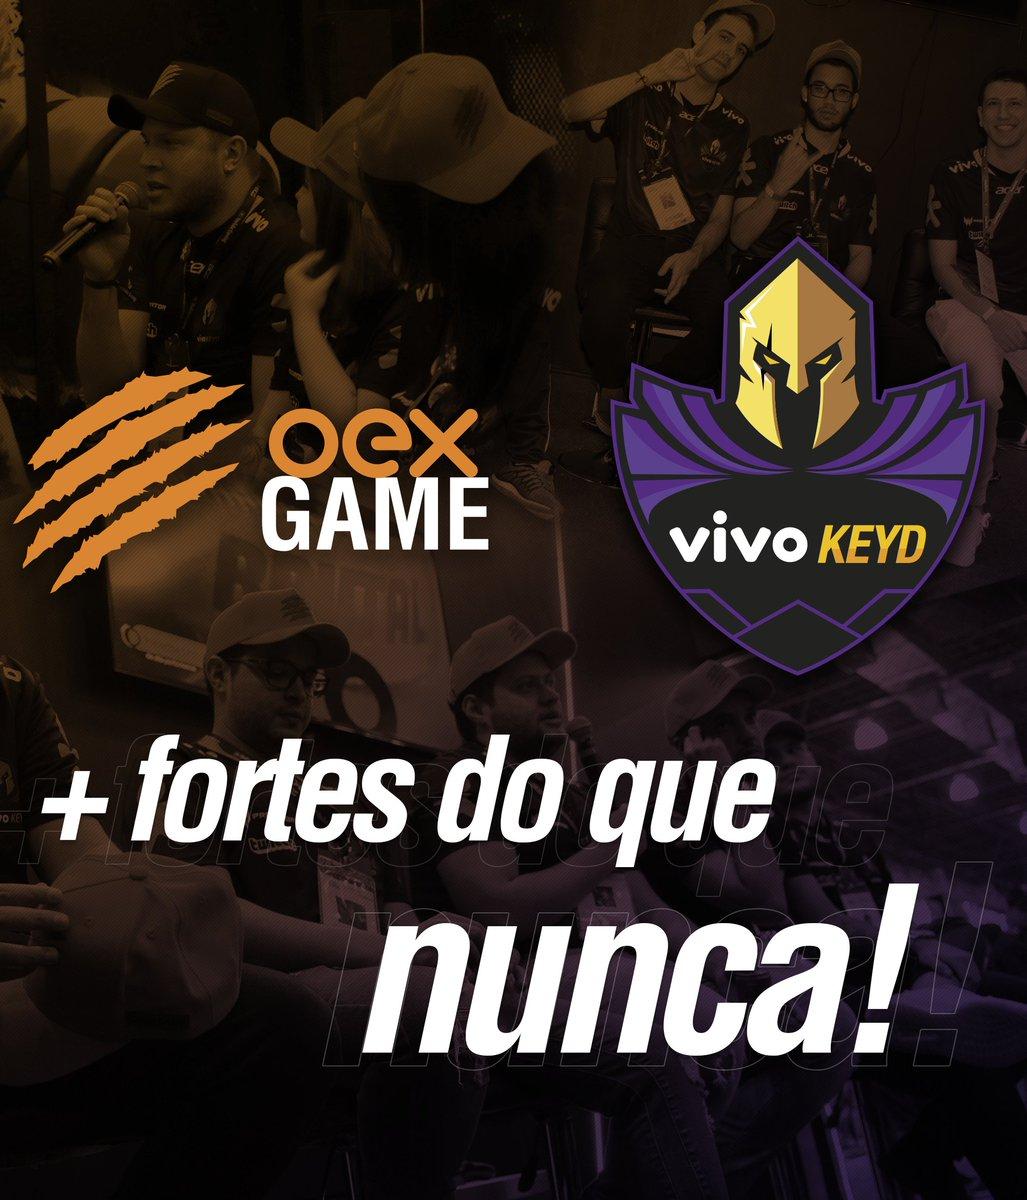 A OEX Game é a nova patrocinadora da @vivokeyd!  Os jogadores das ligas profissionais da Vivo Keyd utilizarão os equipamentos da OEX Game durante toda a temporada de 2020! Tamo junto, VK! #GoVK #VivoKeyd #OEXGame pic.twitter.com/DBrdHmmTuP